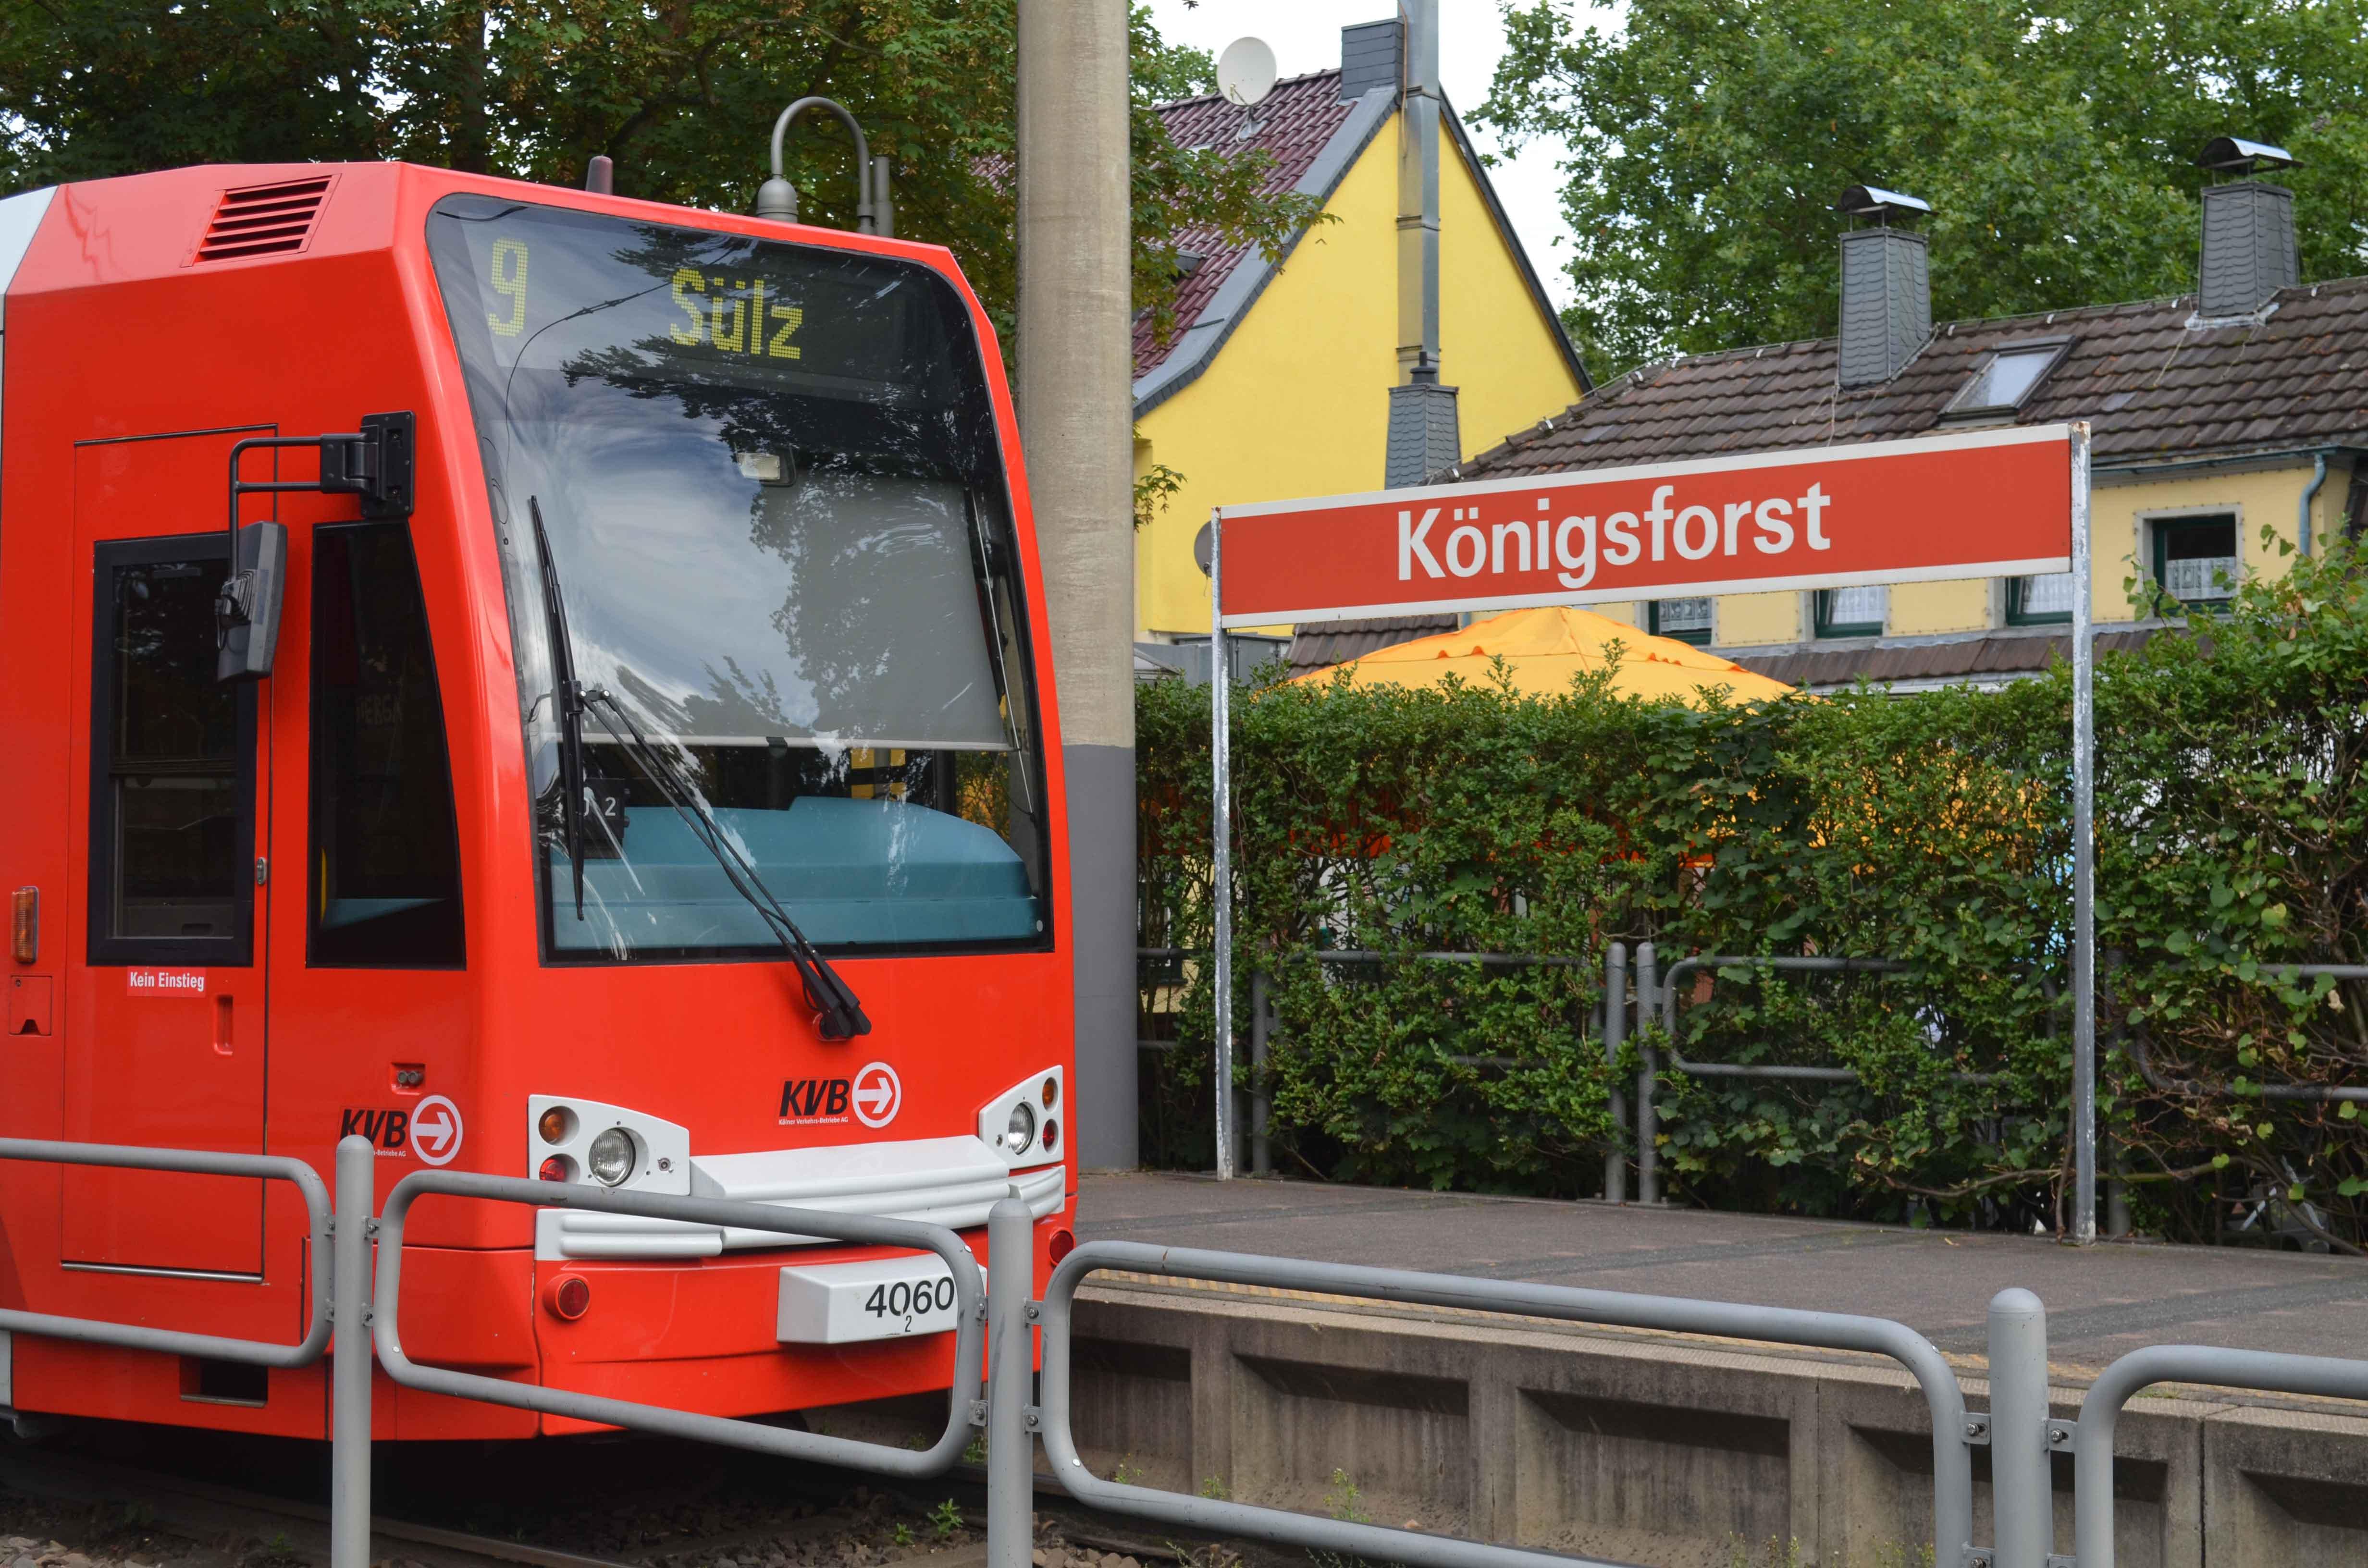 Kvb Fahrplan Linie 9